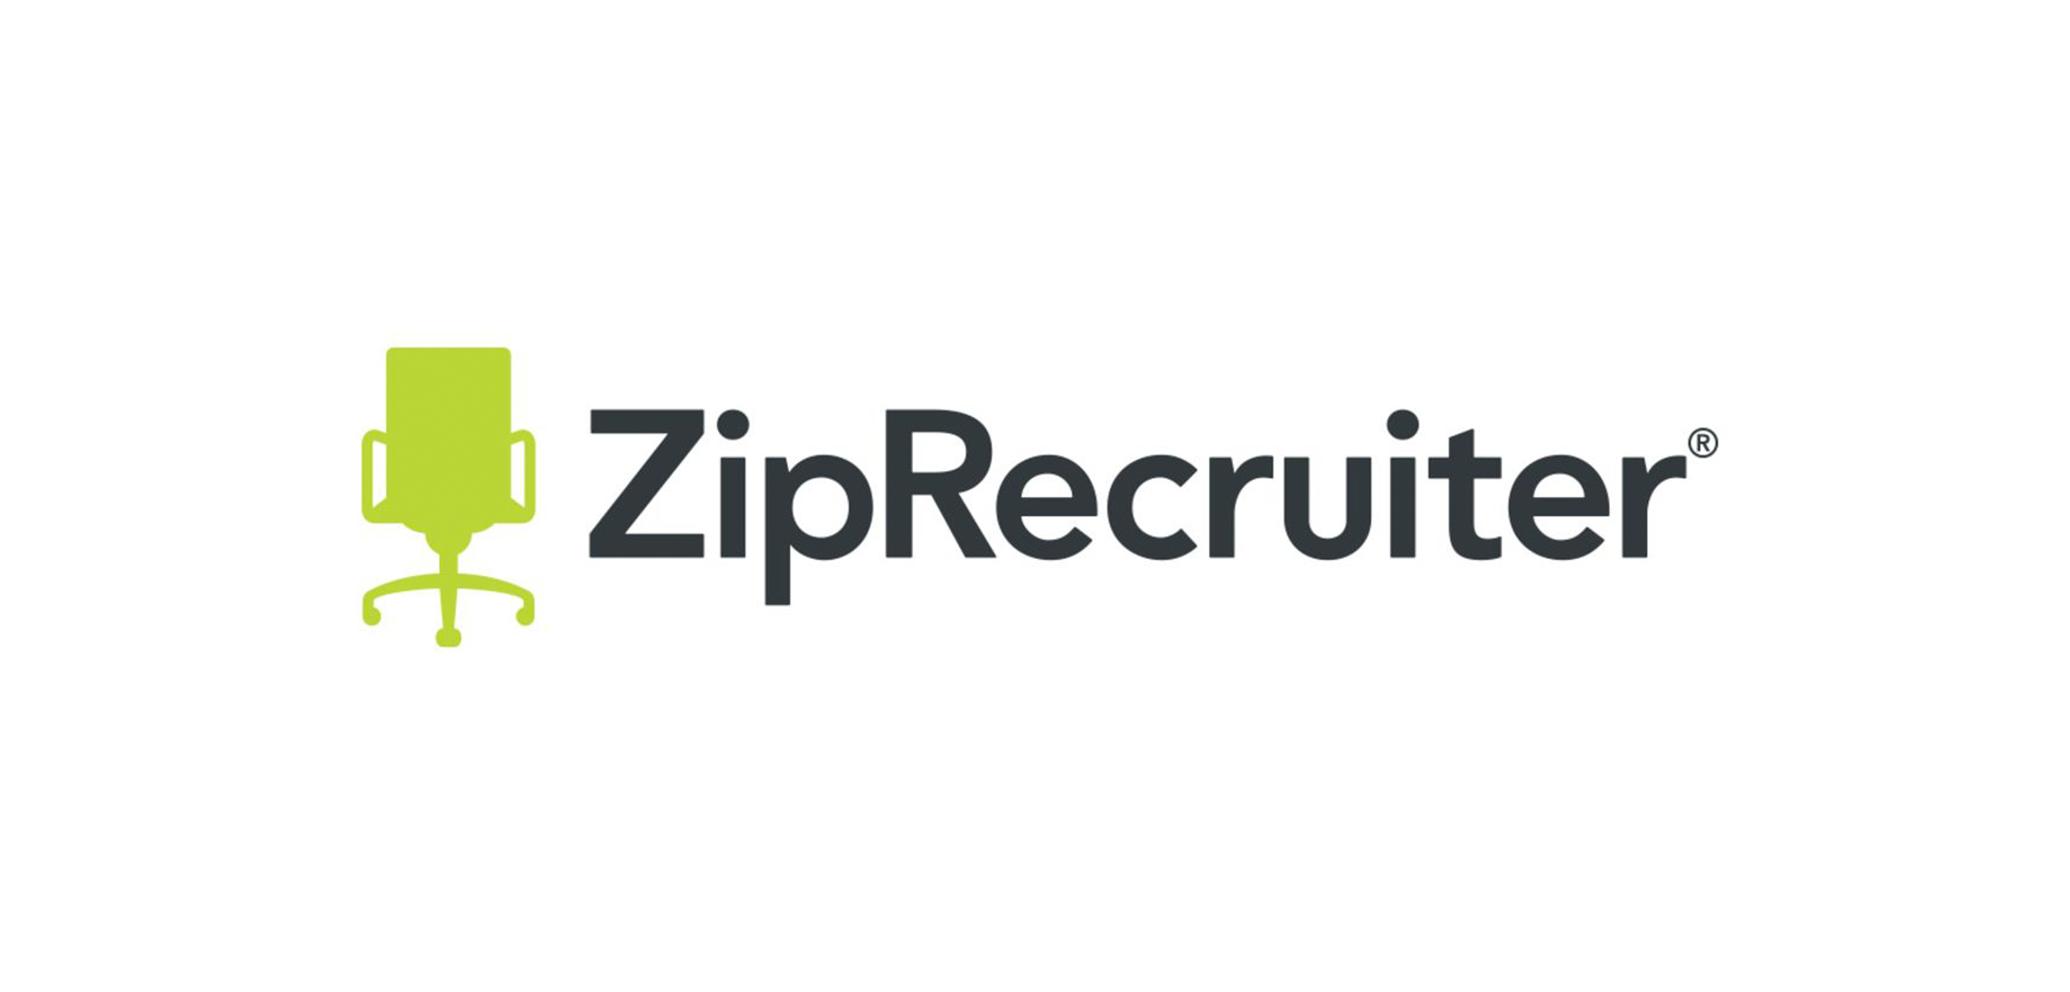 ZipRecruiter - COMING SOON